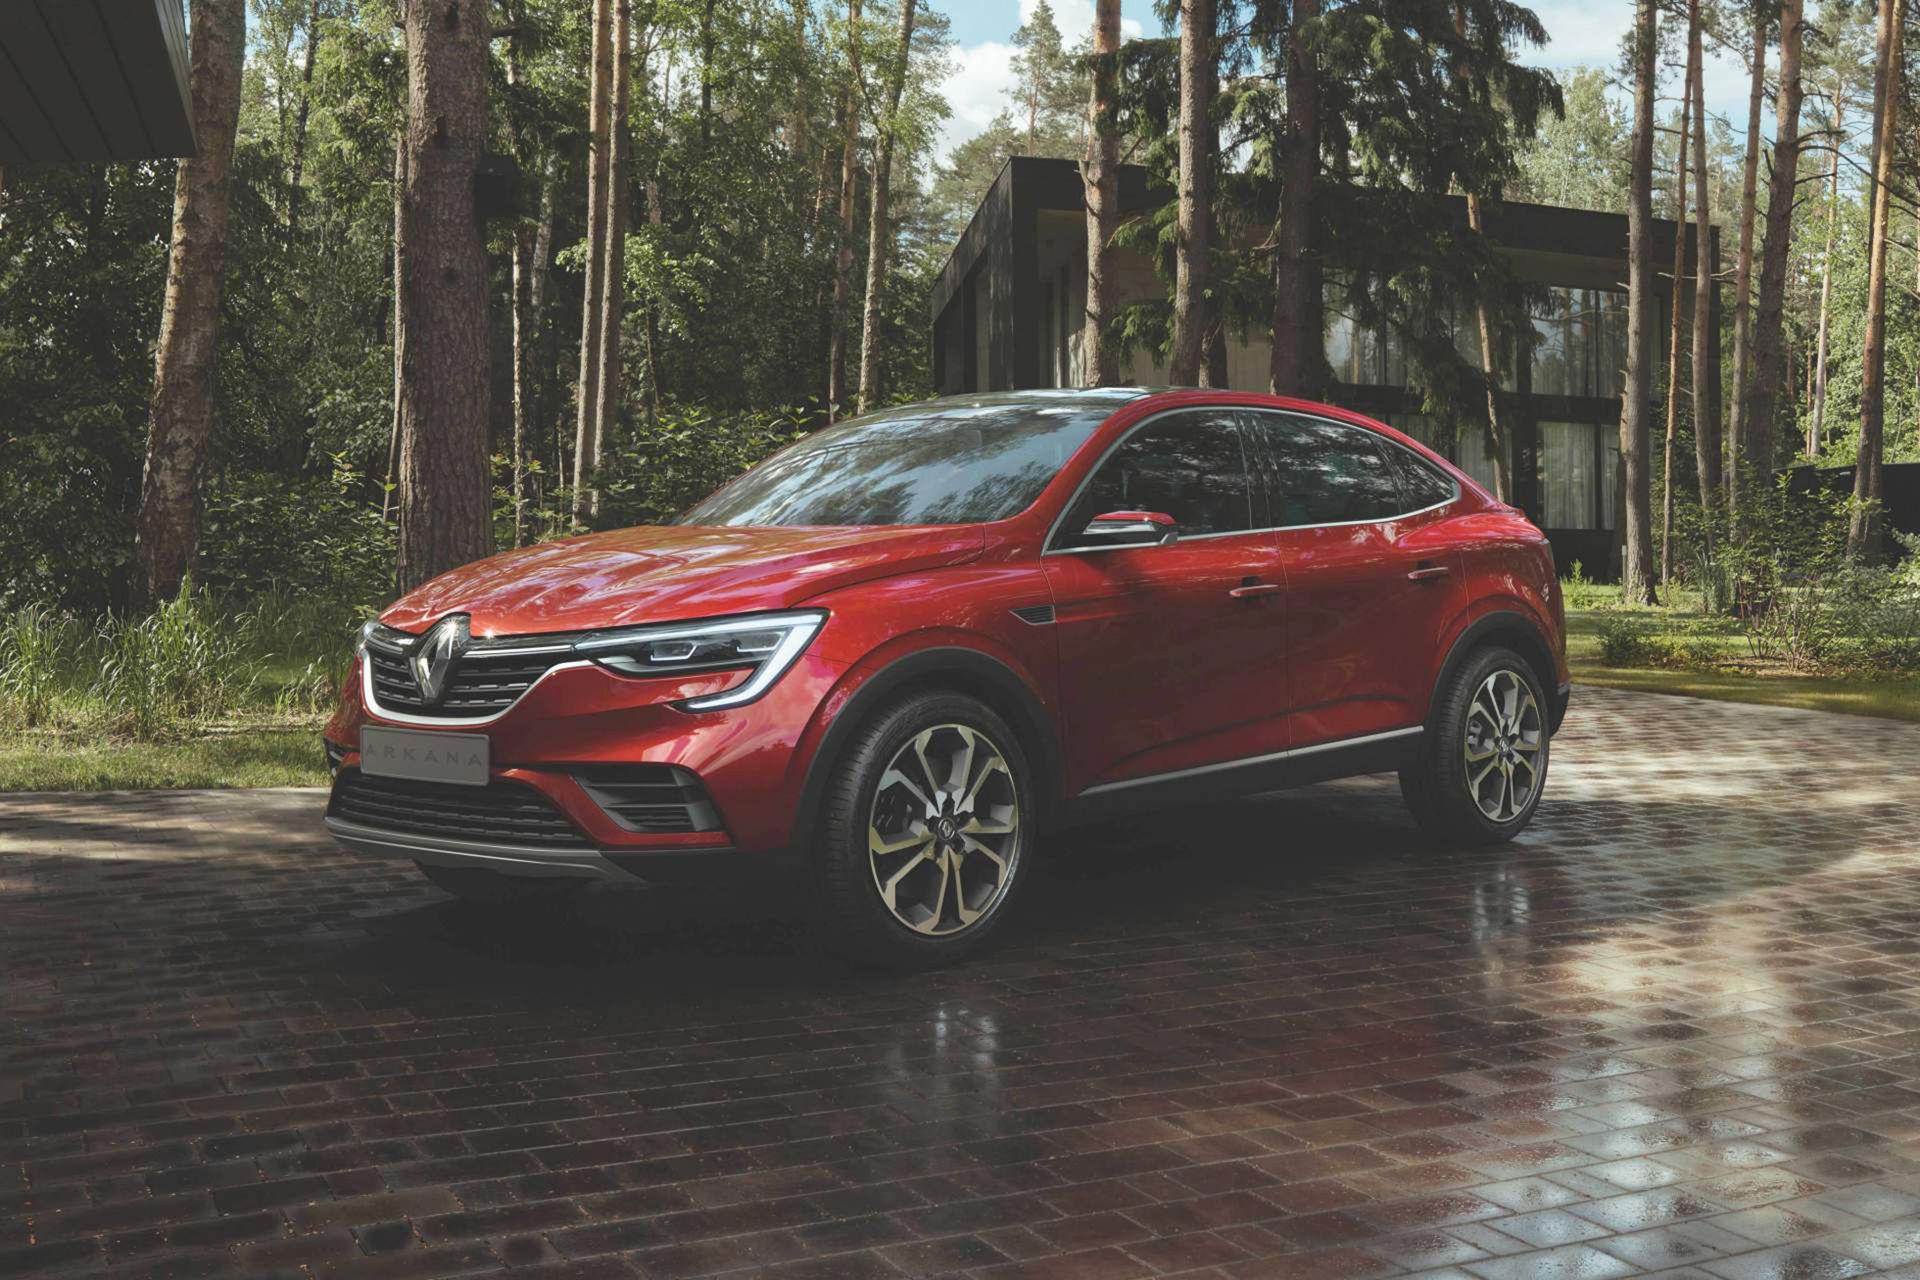 Renault beskriver nyheten Arkana som en SUV-sedan